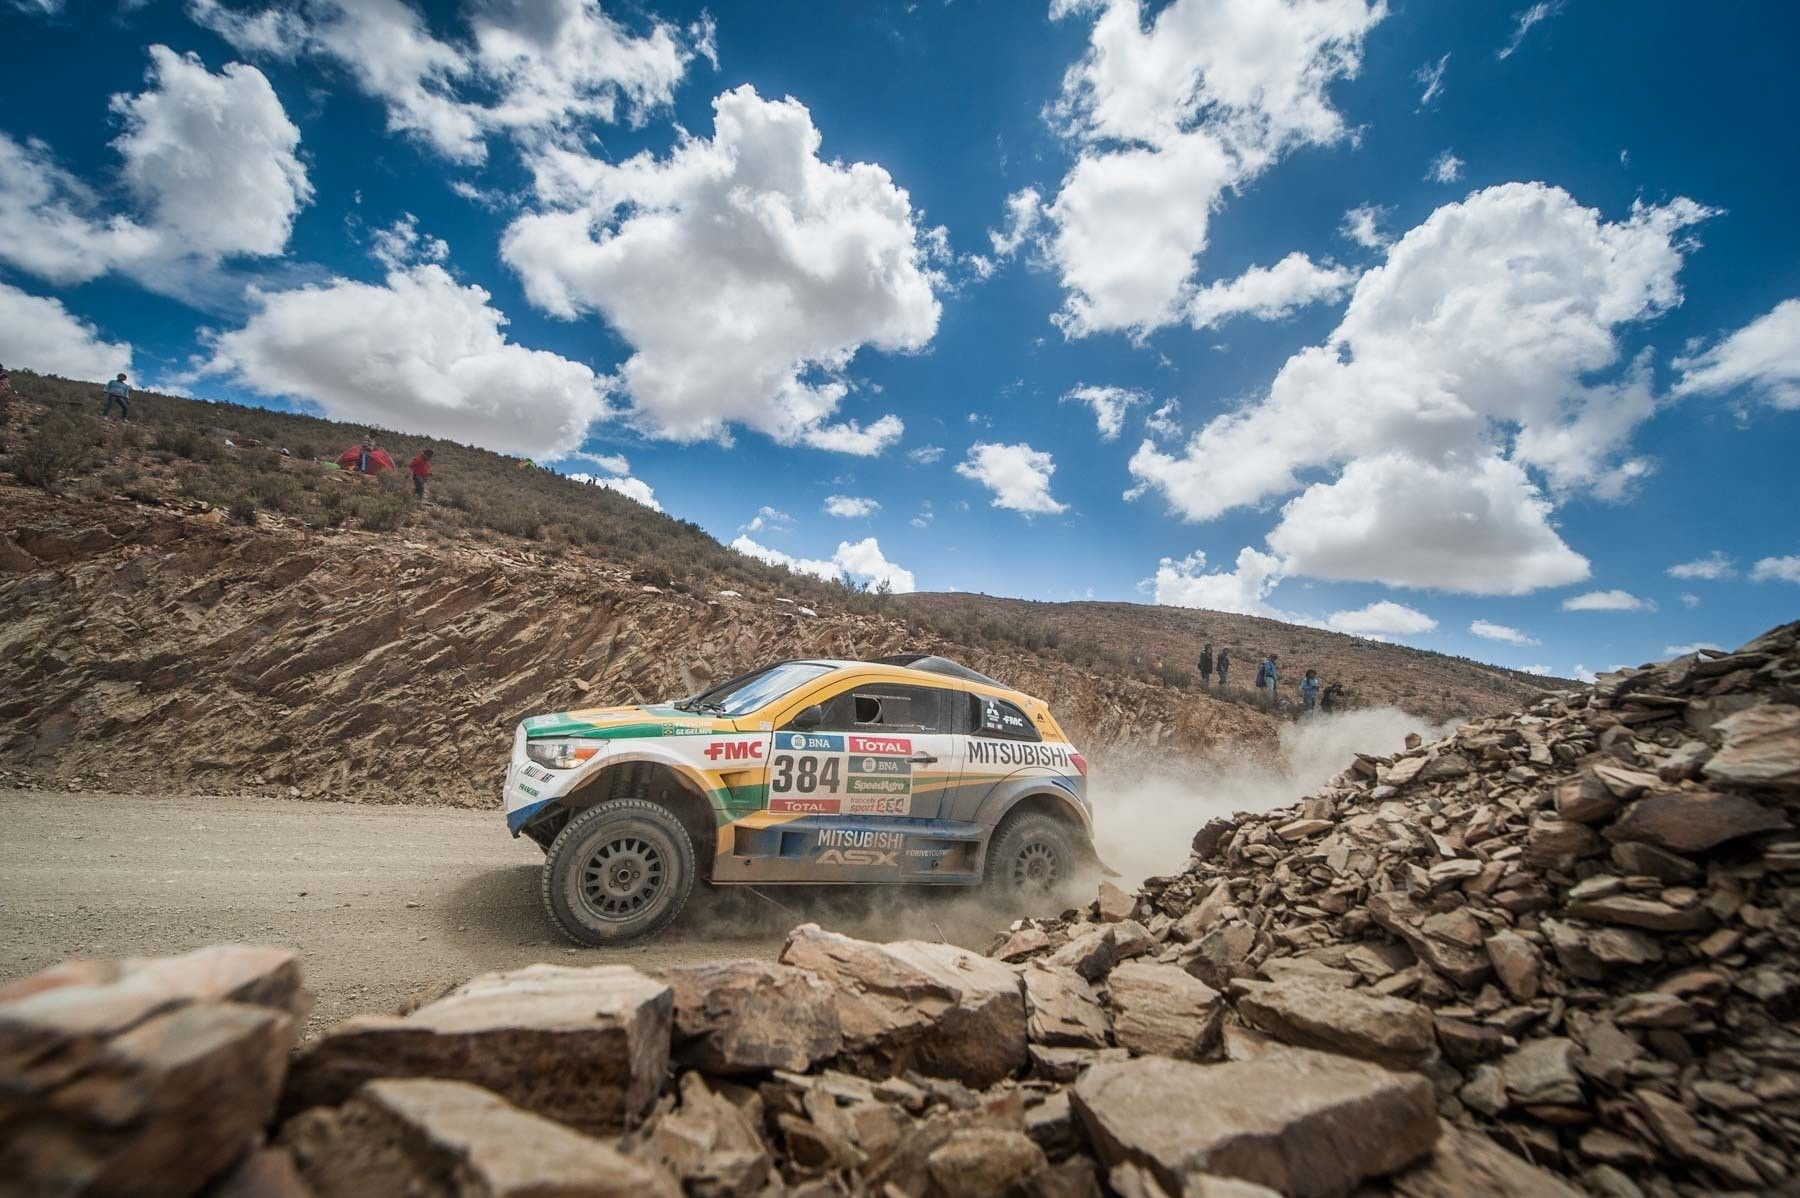 Rally Dakar chega à reta final e Equipe Mitsubishi Petrobras enfrenta quase 1.000 km Dupla João Franciosi e Gustavo Gugelmin passa por dias de muita superação e desafios na maior prova off-road do mundo Na reta final, o Rally Dakar ficou ainda mais difícil e imprevisível. A dupla da Equipe Mitsubishi Petrobras, João Franciosi e […]